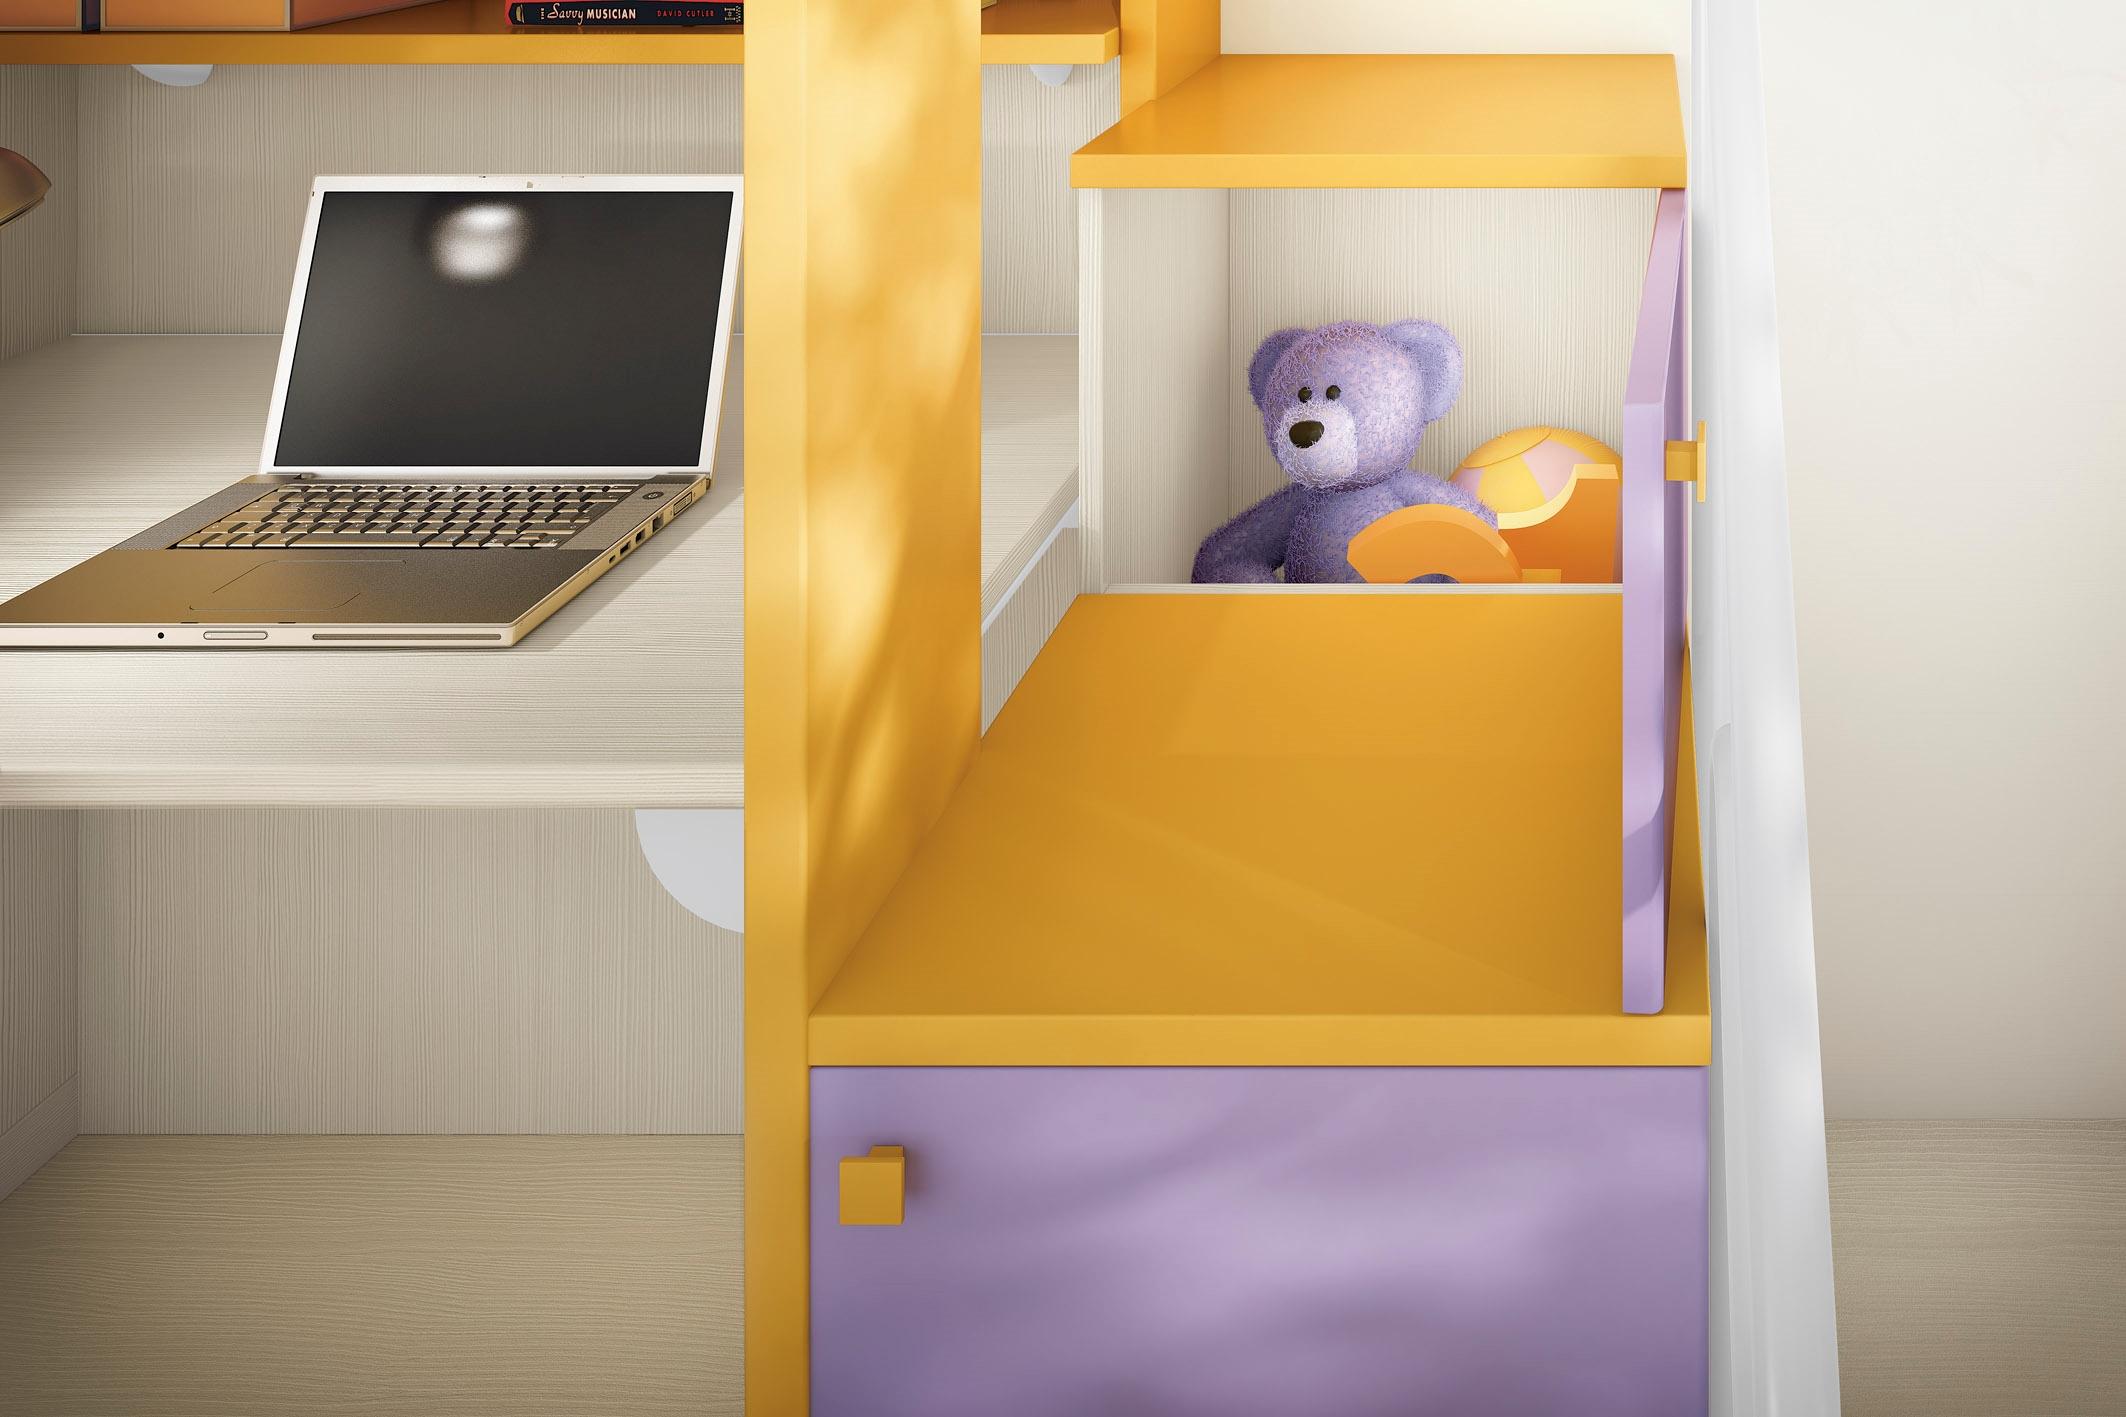 San Martino cameretta angolare per bambini colorata con due letti ...